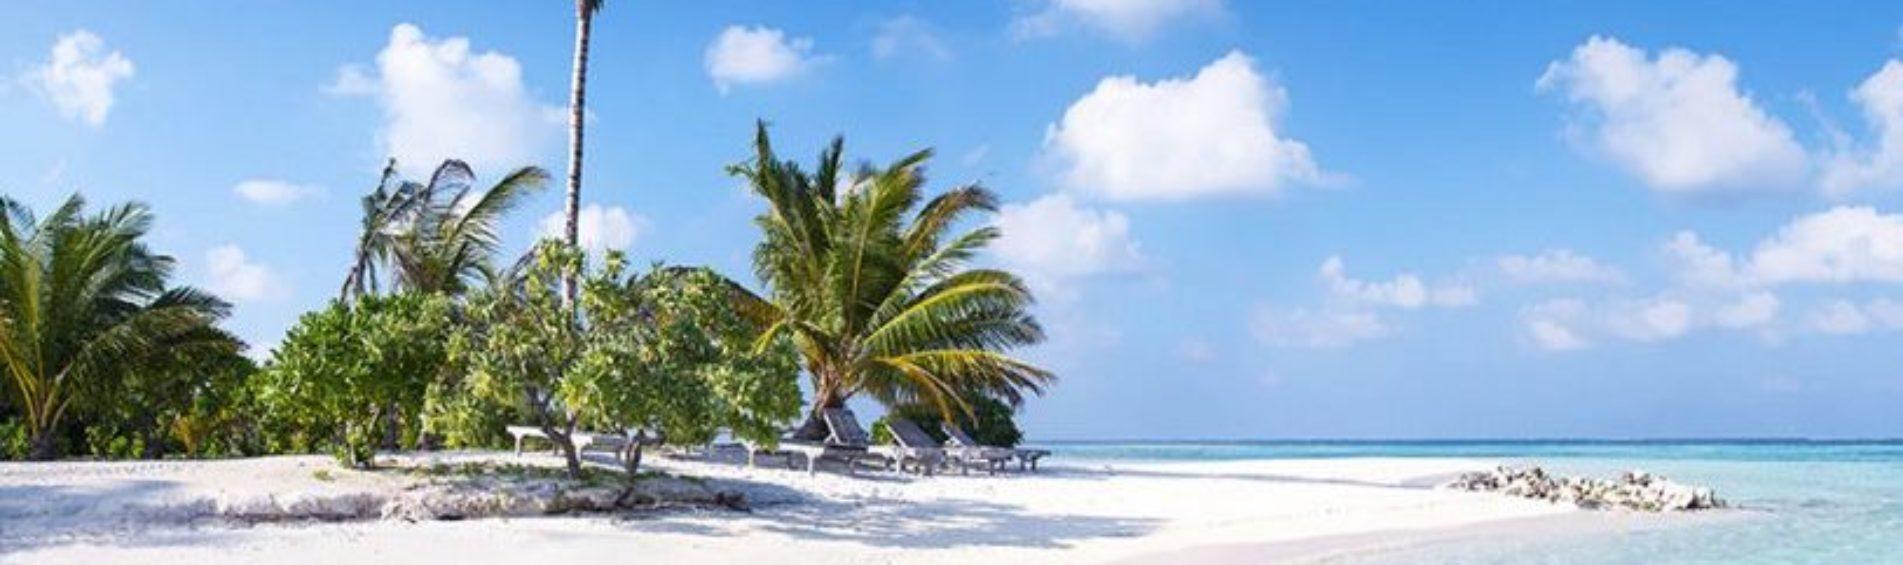 Photos : Les plus belles plages du Mexique